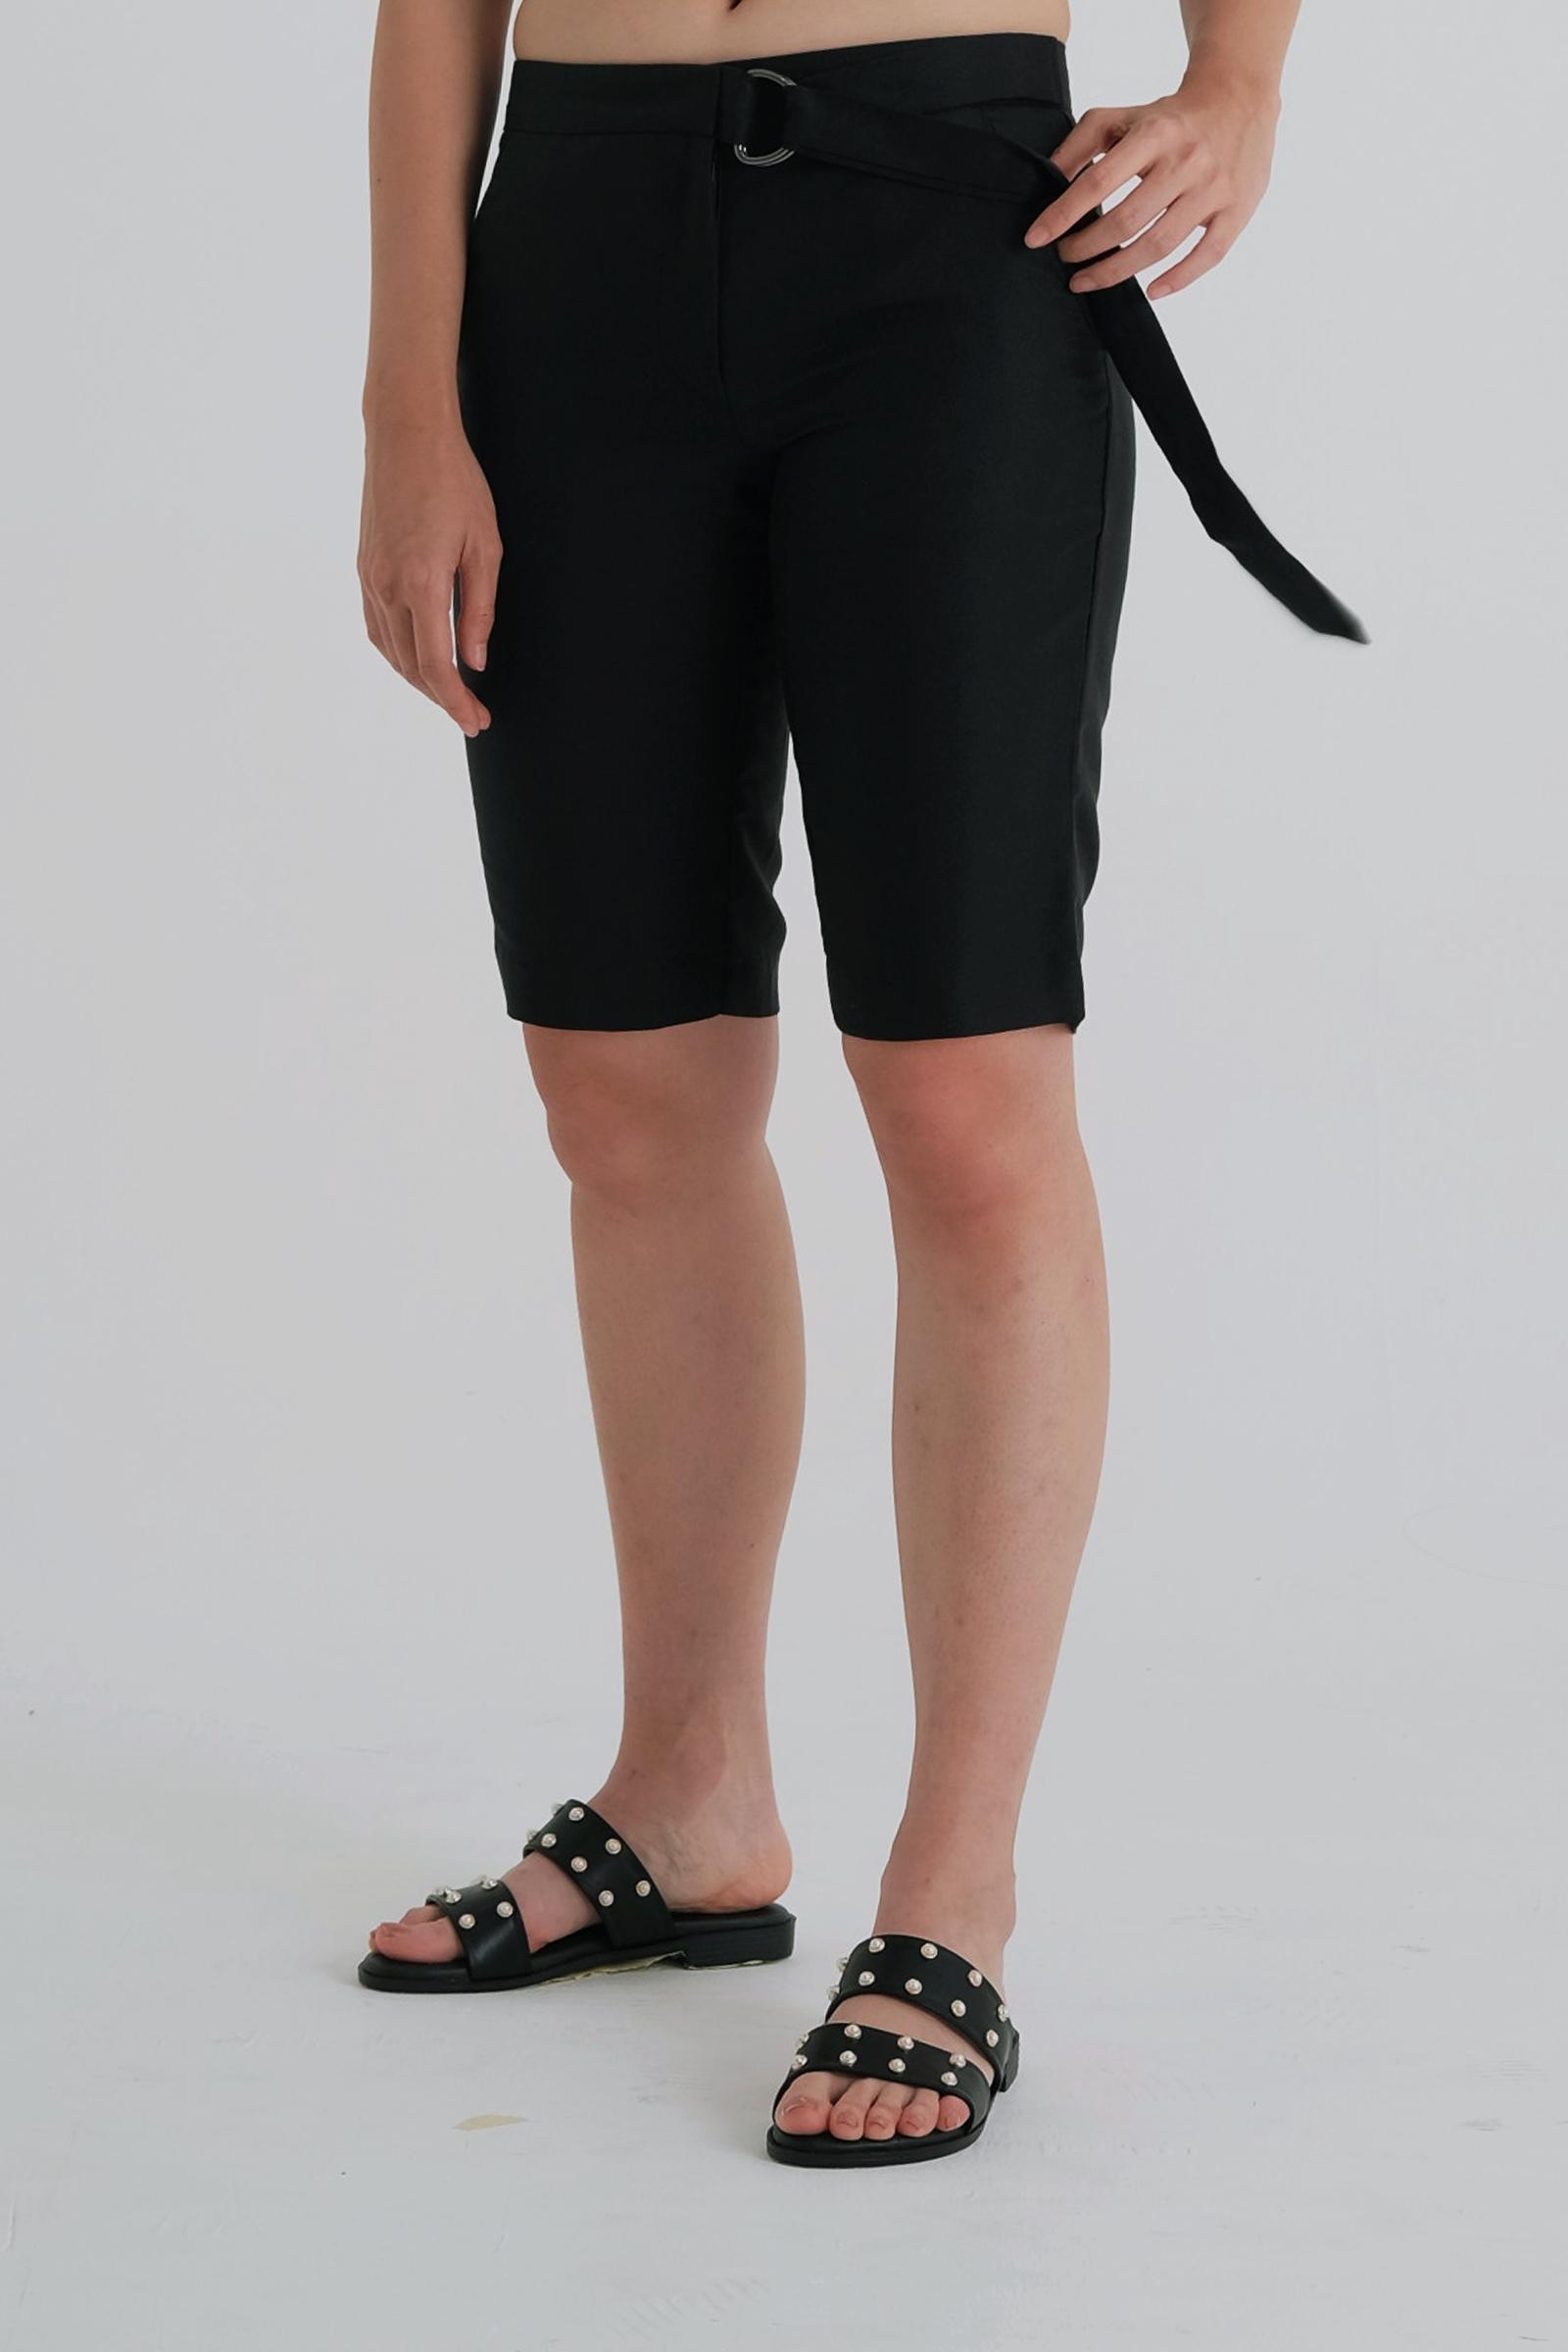 Picture of Rhaegar Bike Pants Black